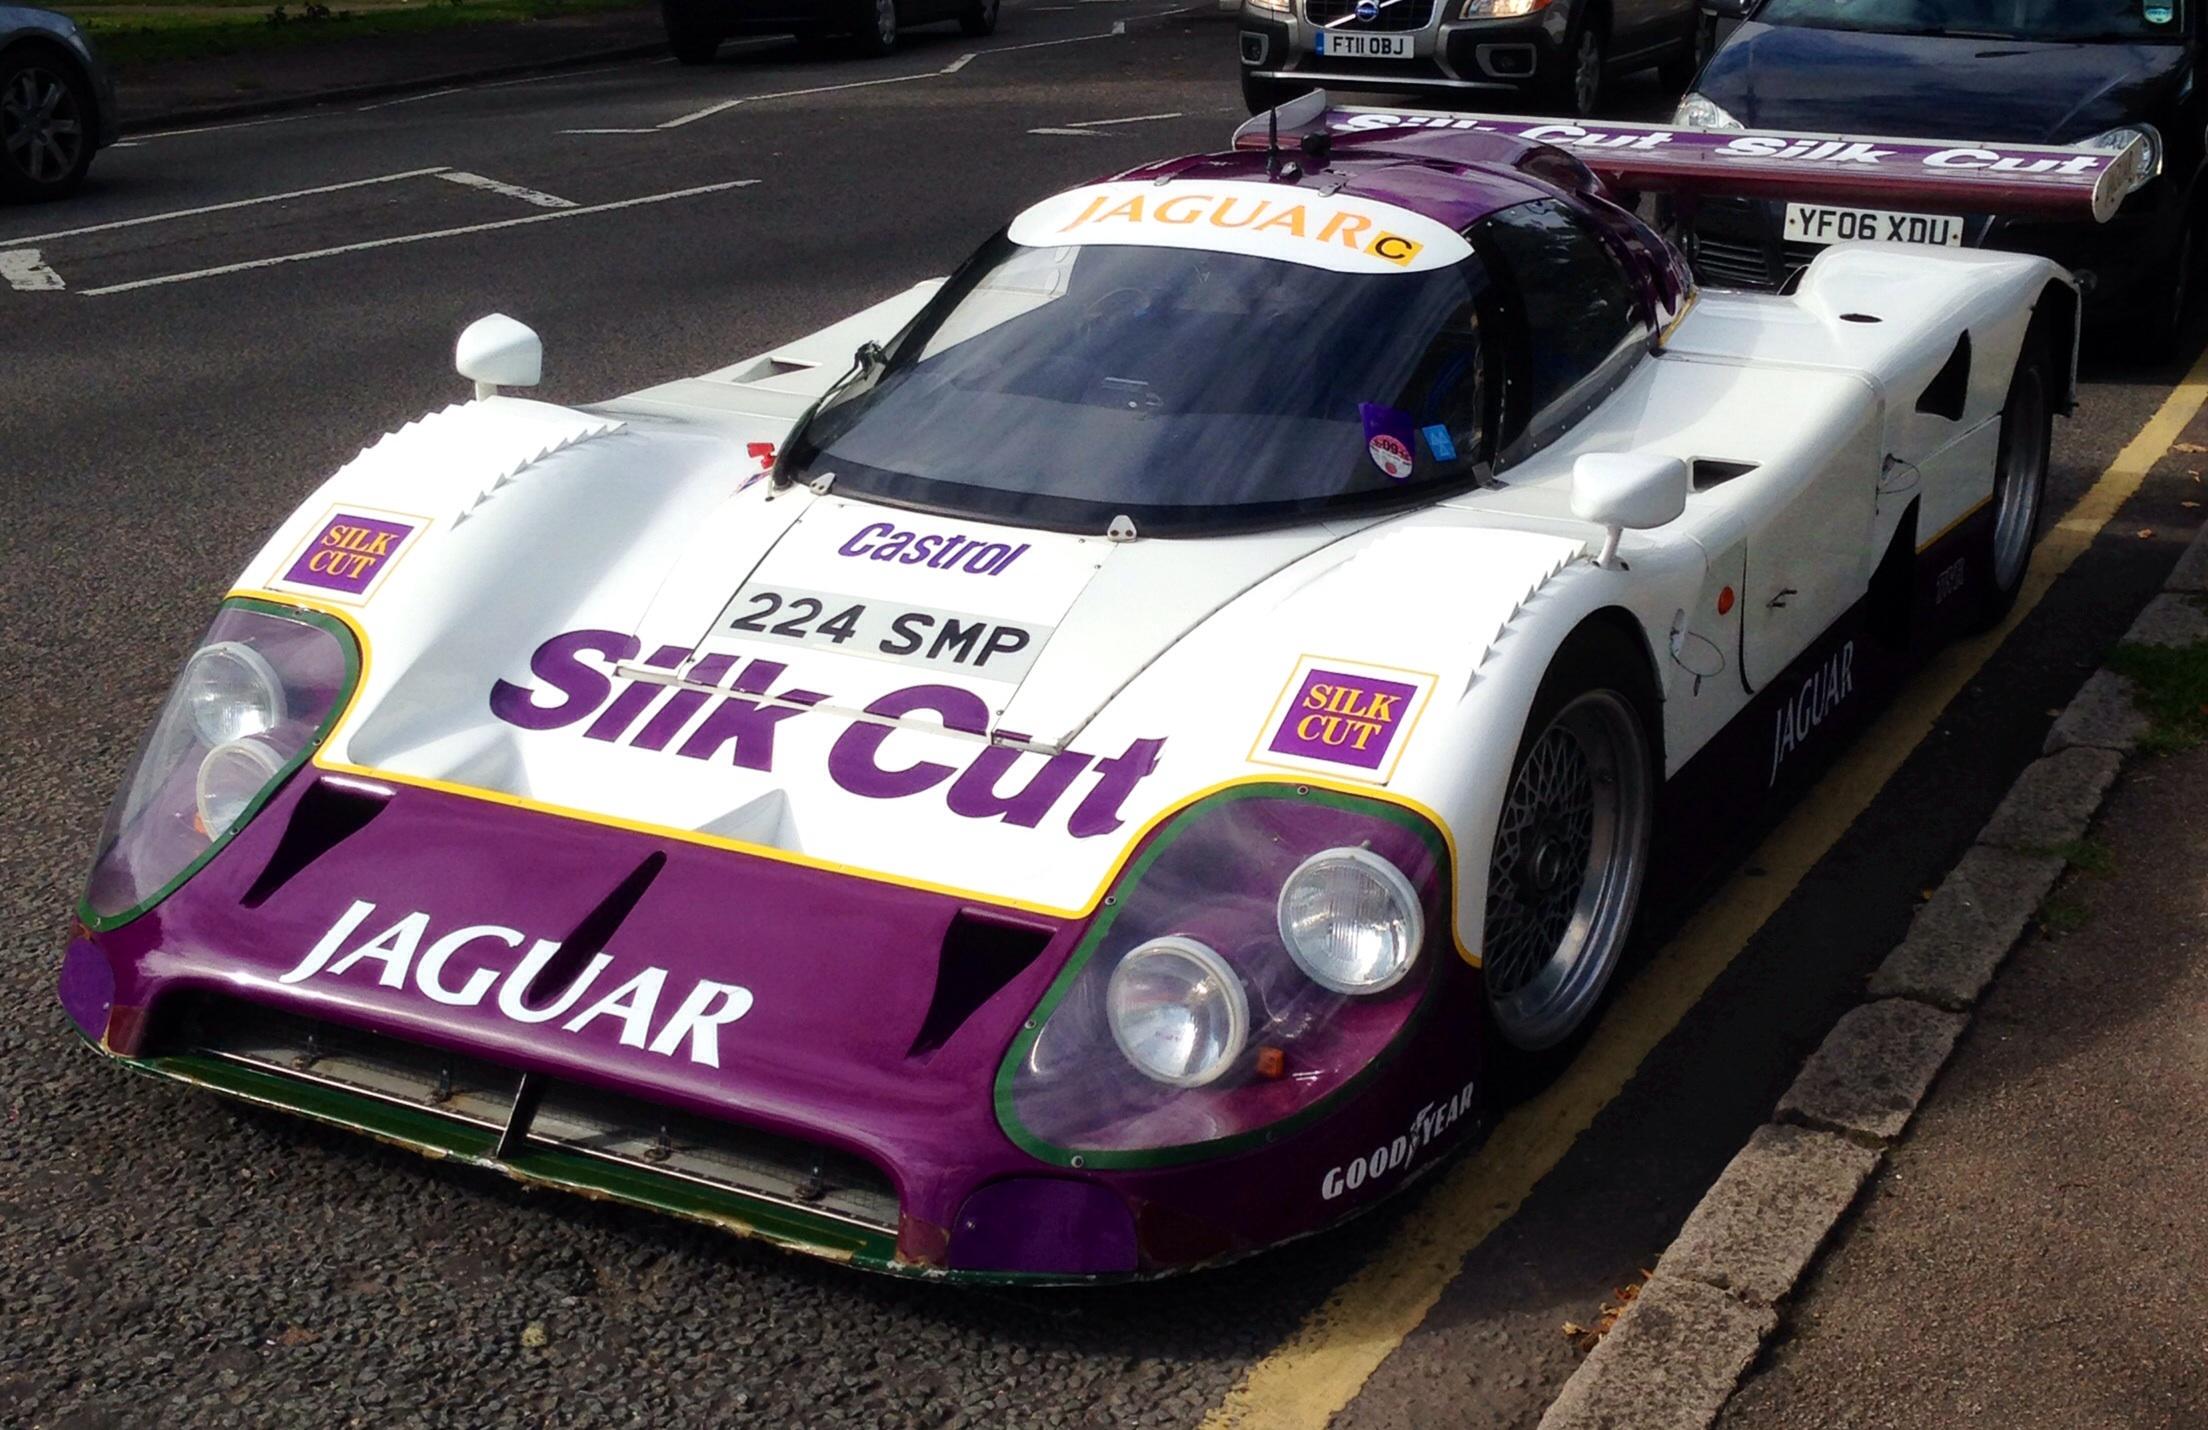 Jaguar Xjr 9 Road Car - Liam Medina